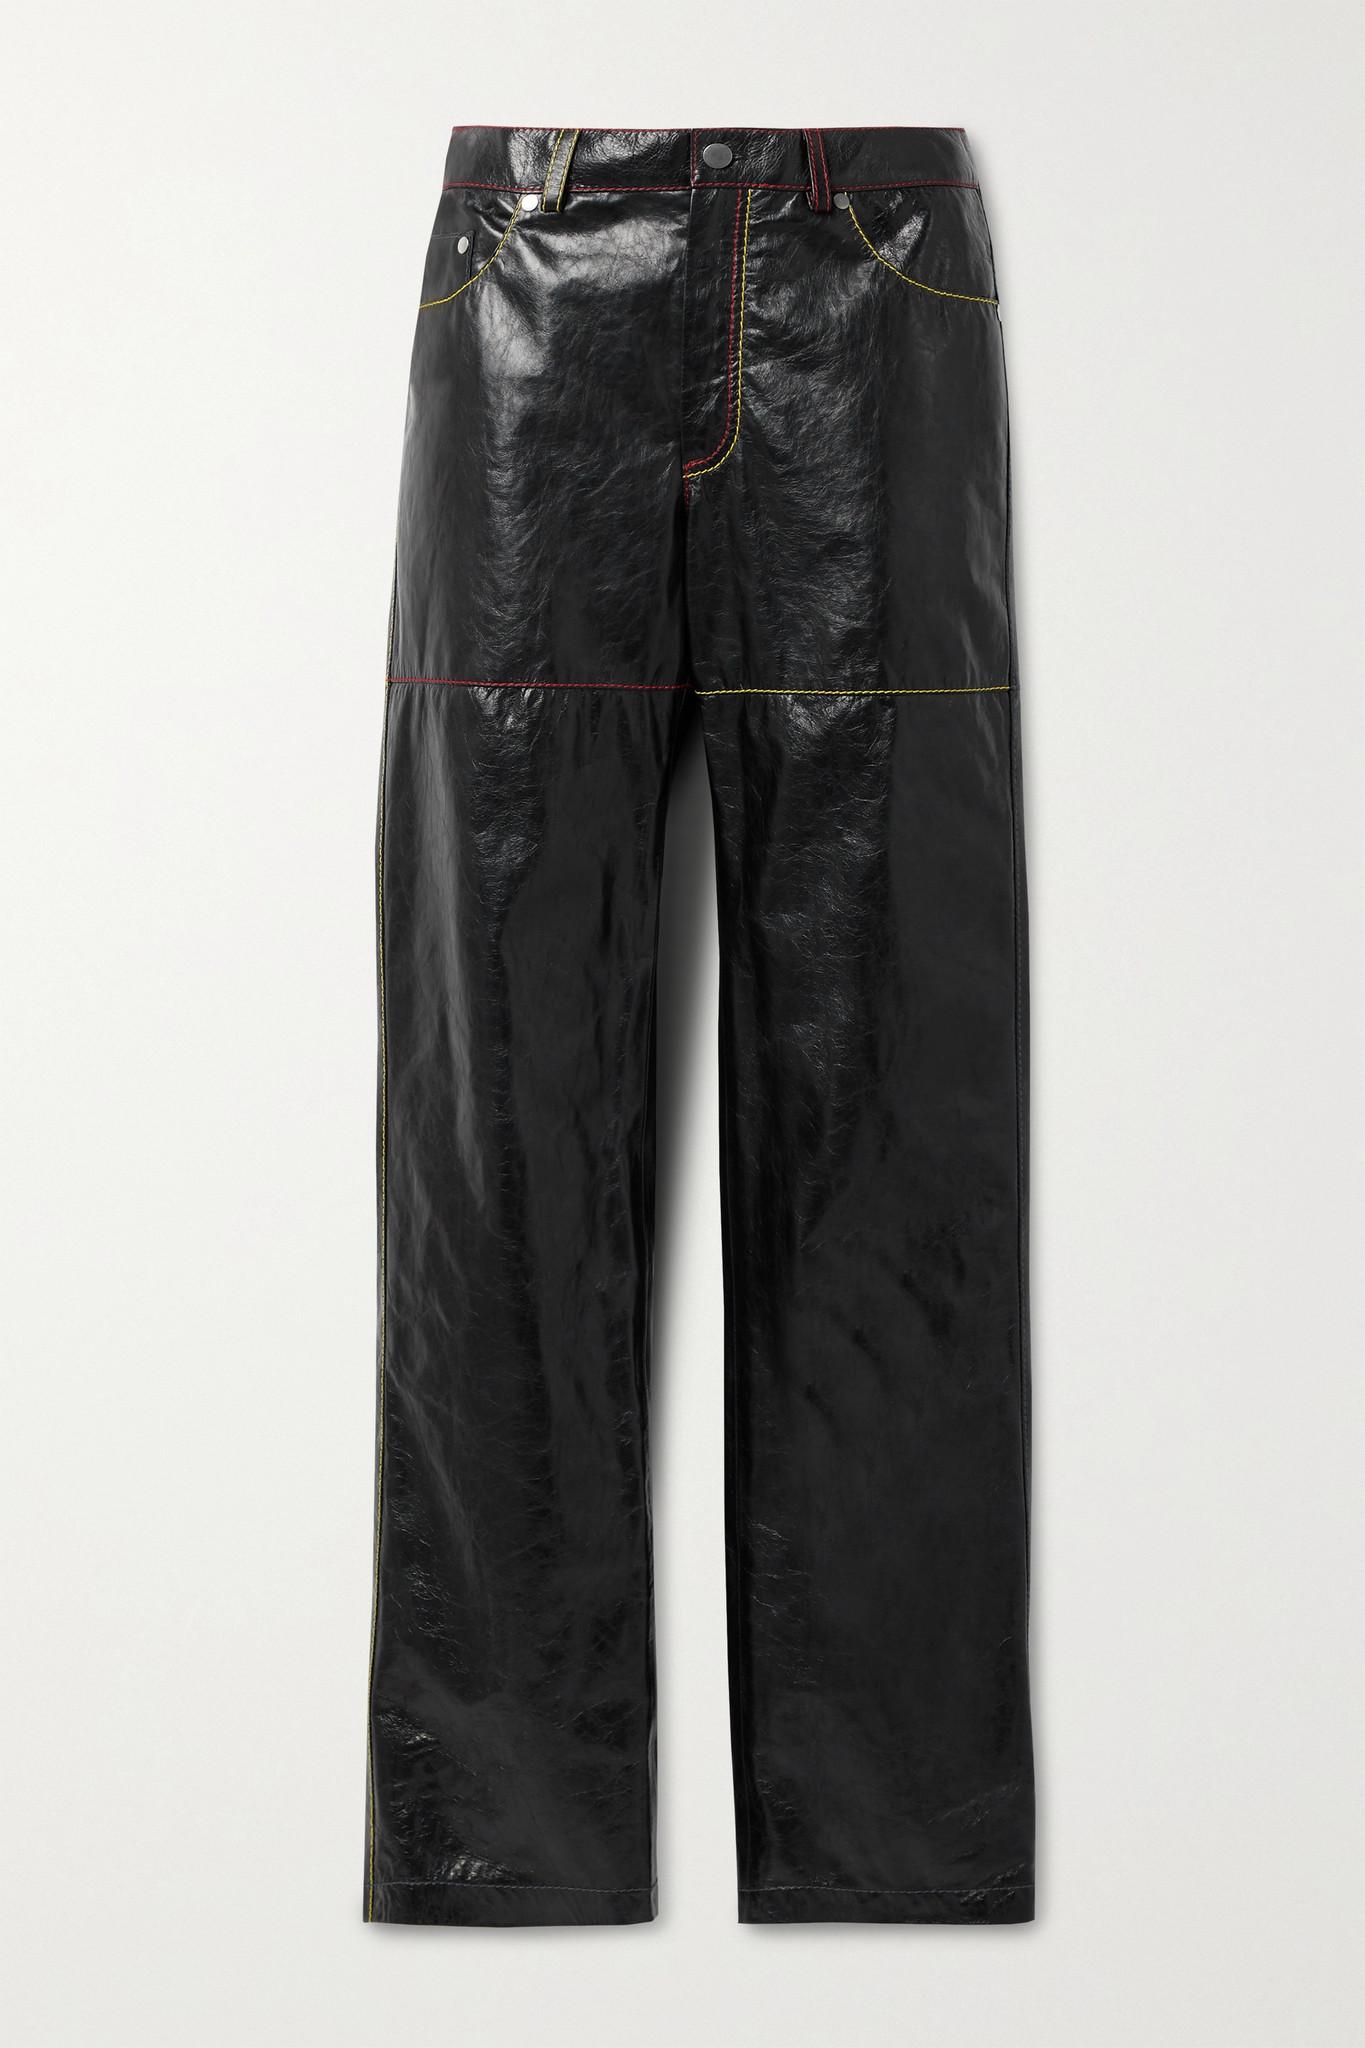 PETER DO - Crinkled-leather Straight-leg Pants - Black - FR38